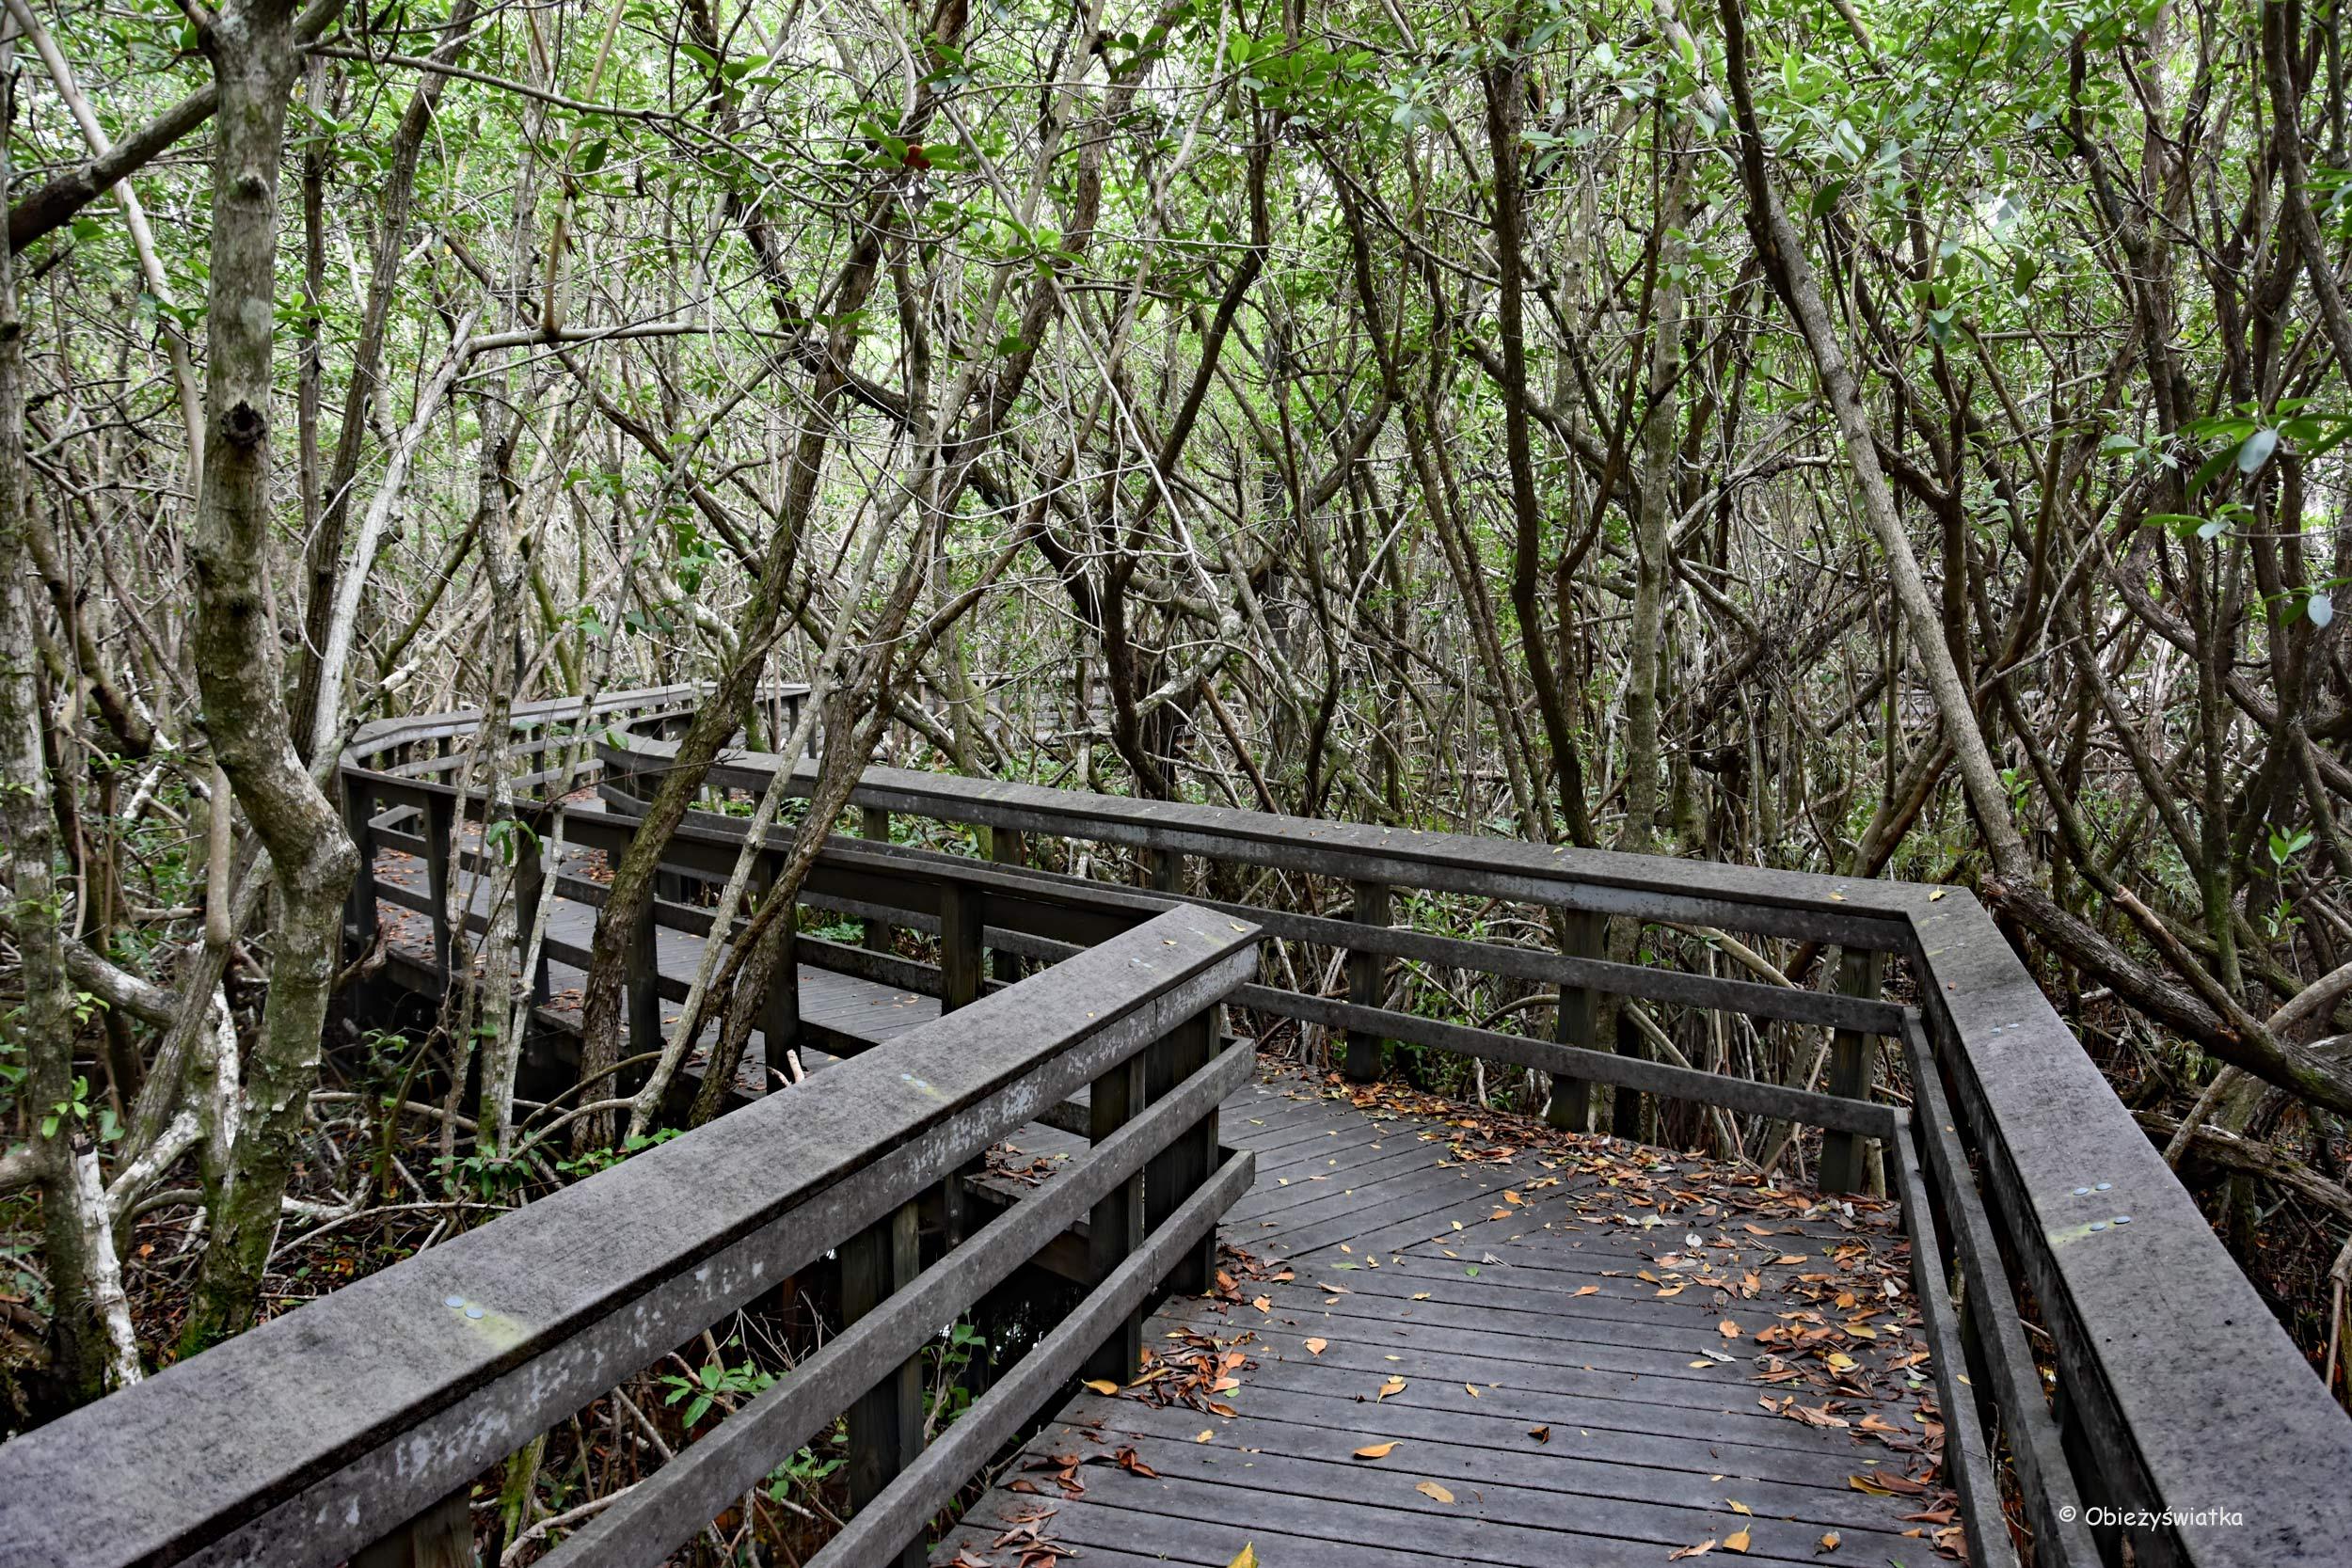 Mostkiem przez mangrowie - gorąco, wilgotno, ciemno